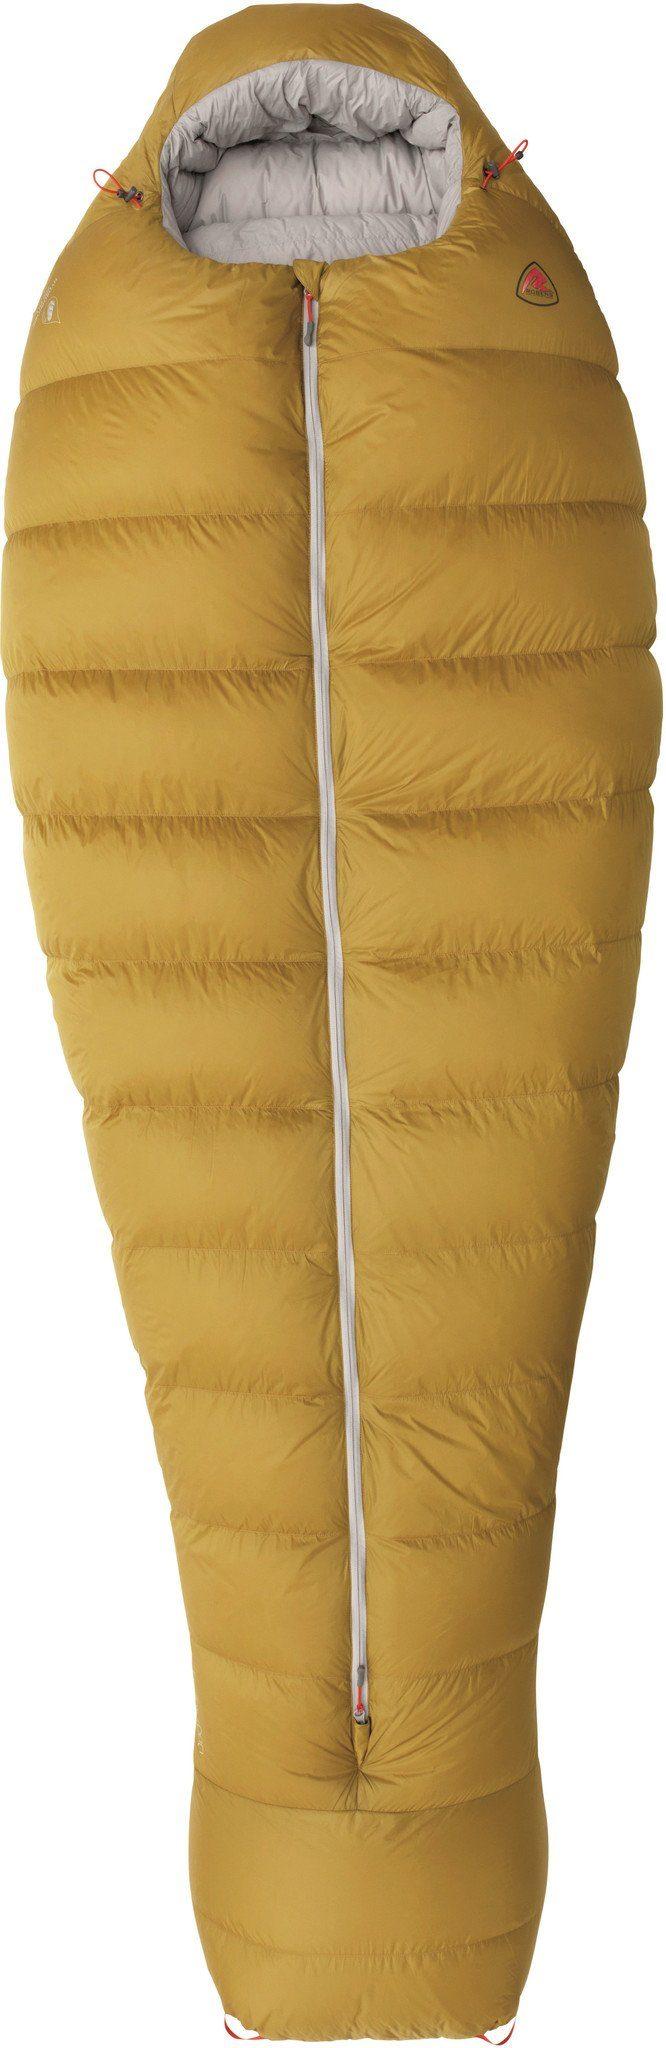 Robens Wanderrucksack »Couloir 1000 Sleeping Bag«